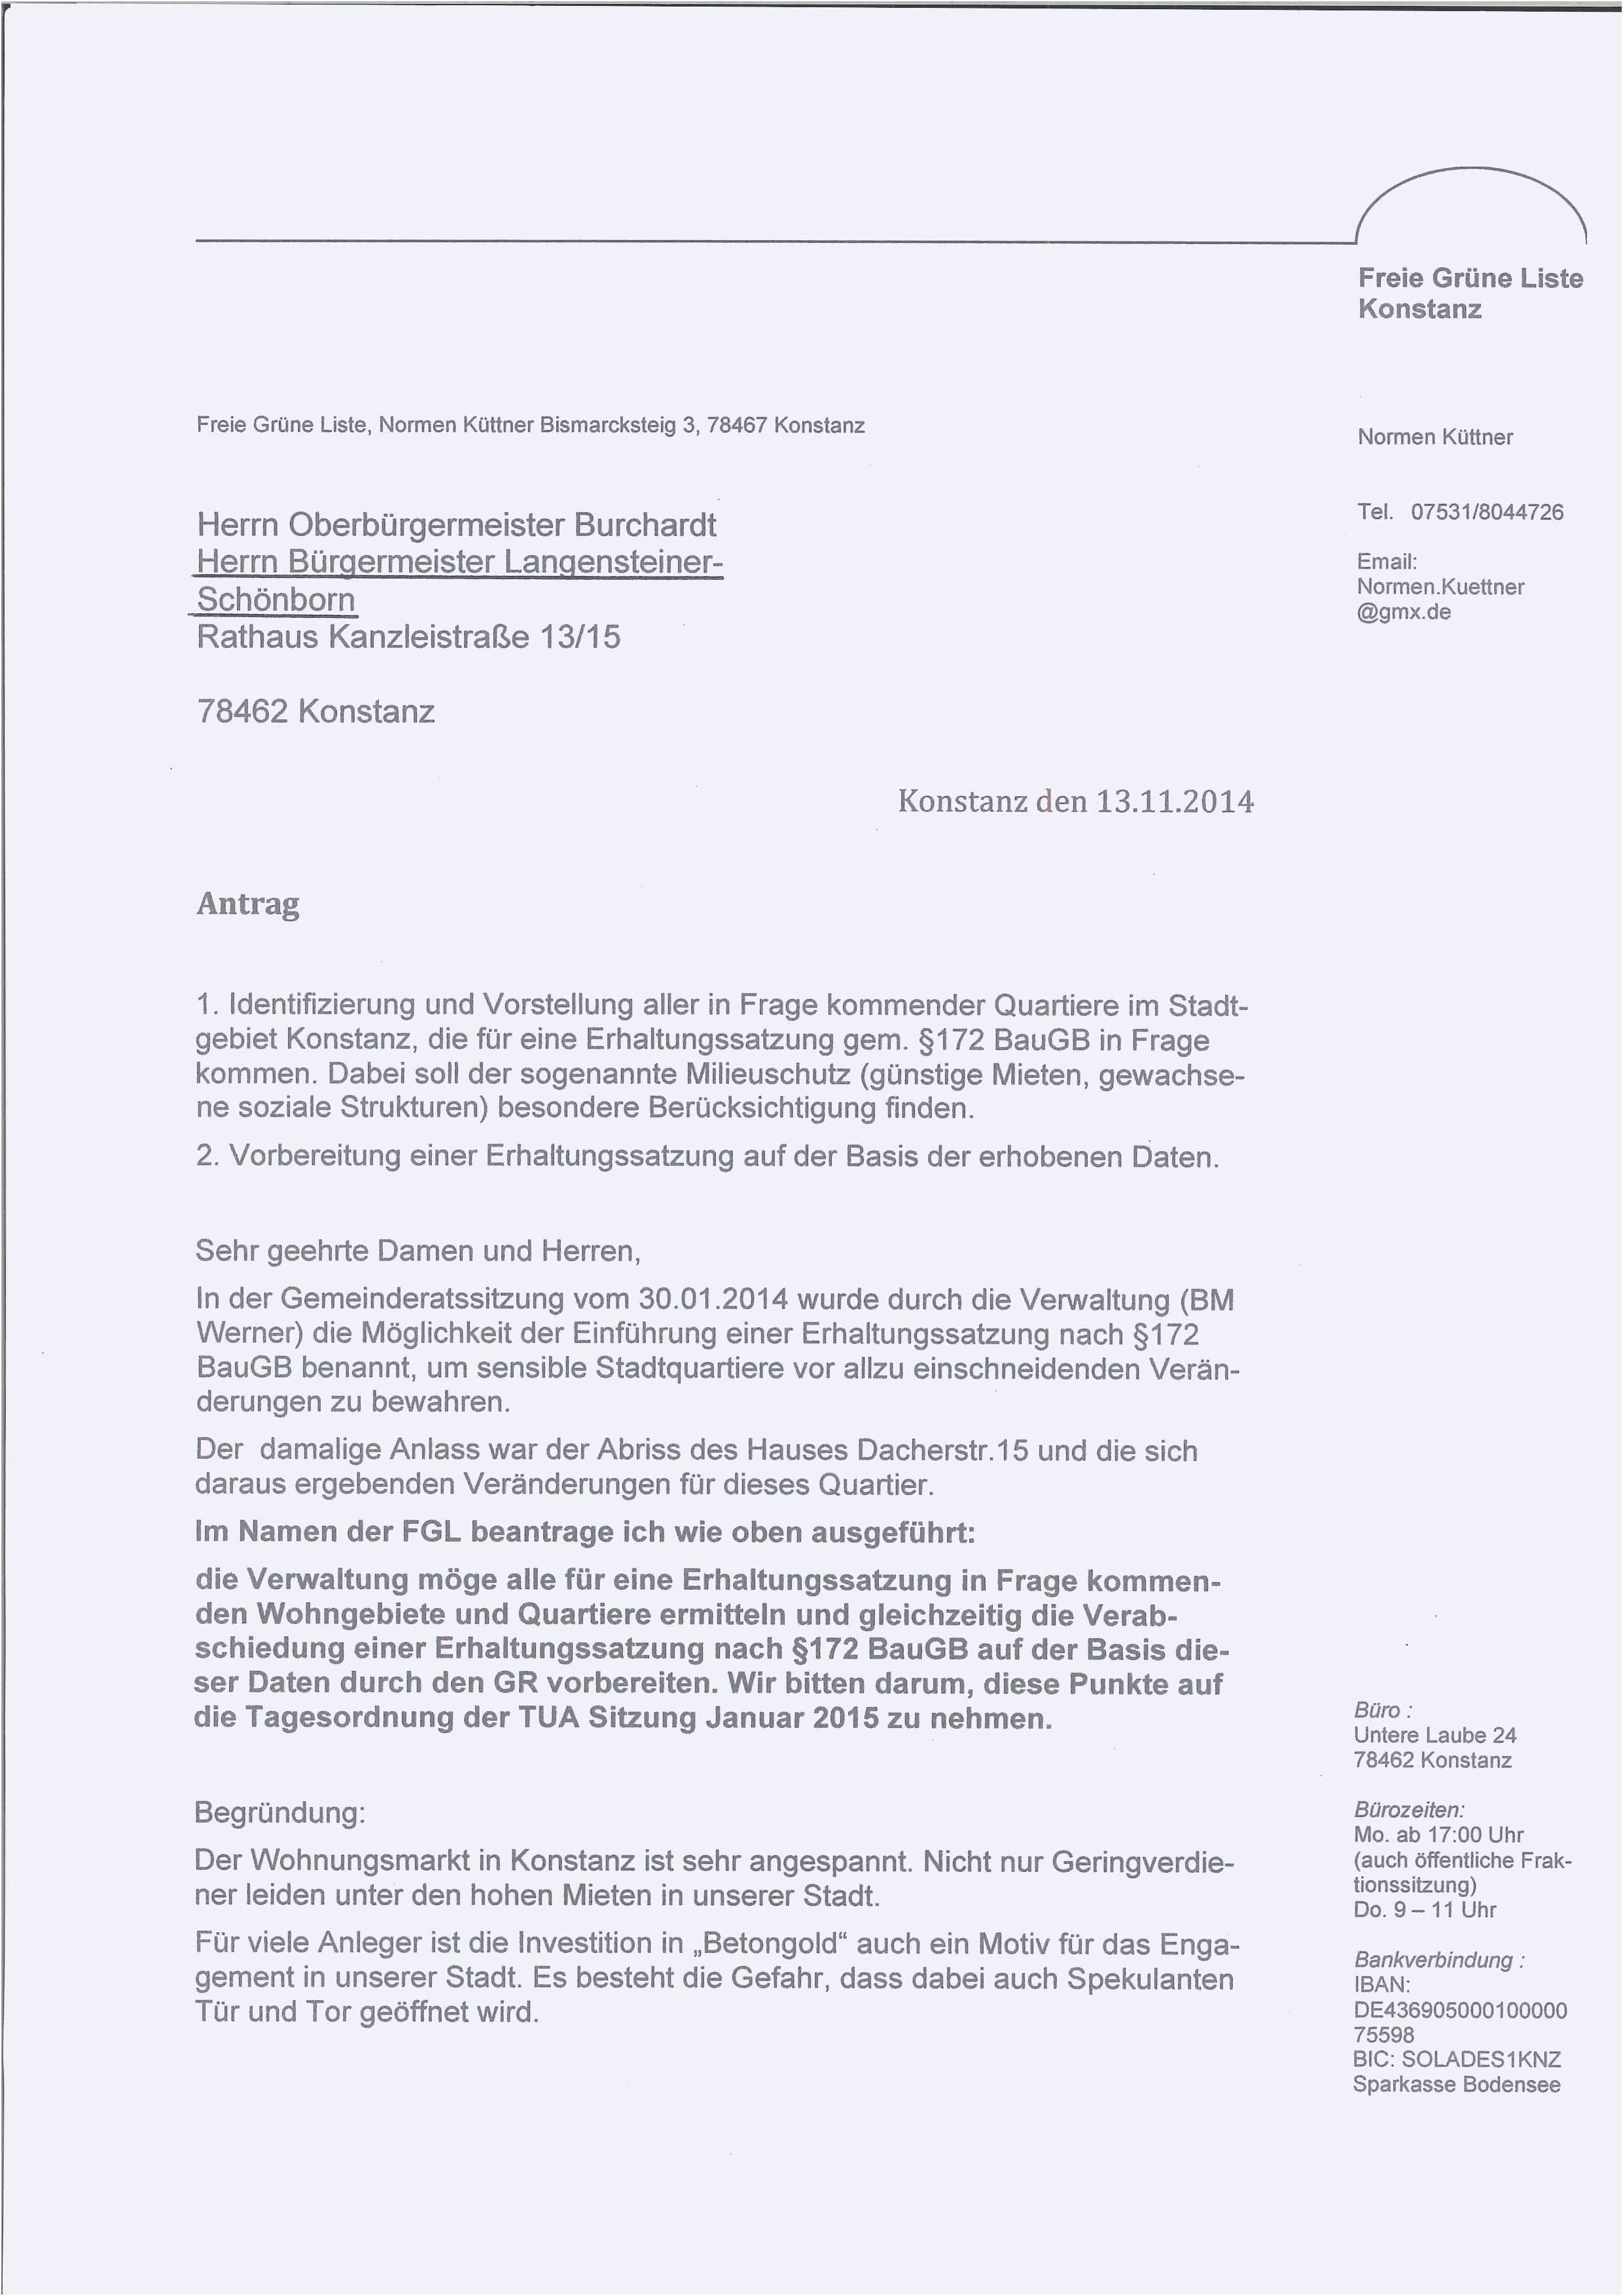 Einzigartig Bewerbung Als Hausmeister Quereinsteiger Briefprobe Briefformat Briefvorlage Lebenslauf Lebenslauf Muster Bewerbung Schreiben